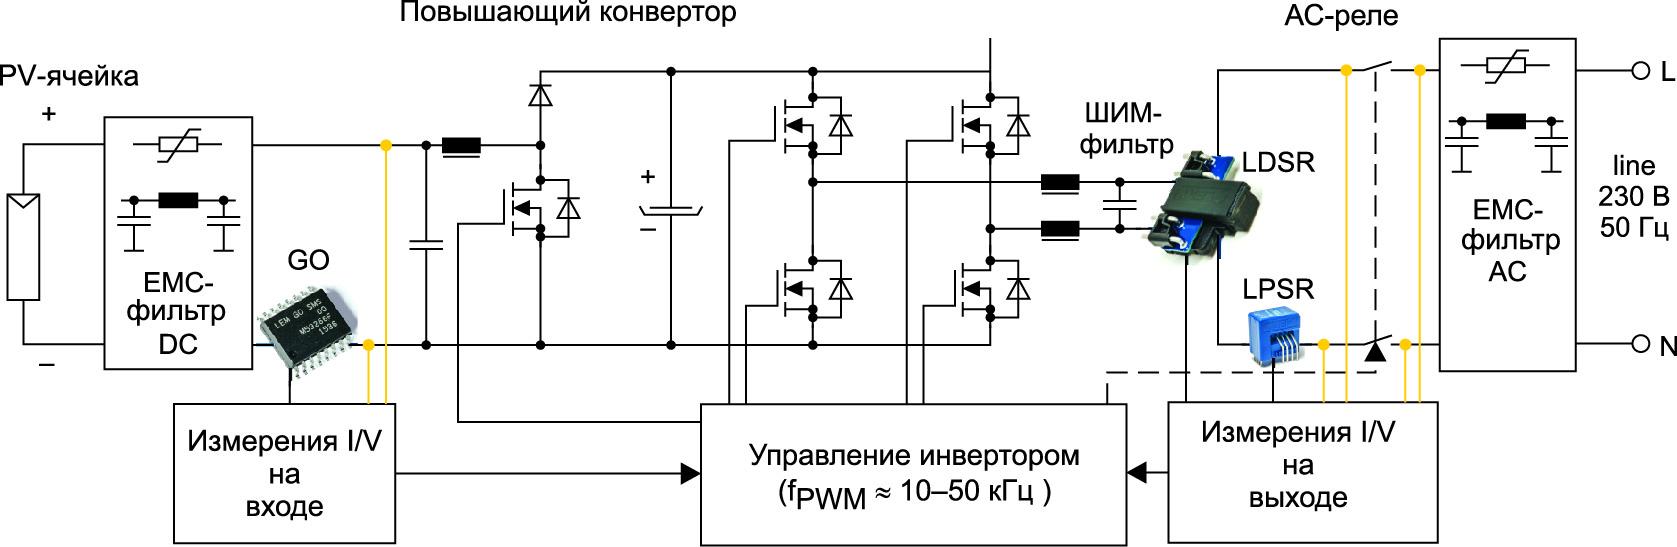 Инвертор для фотоэлектрической установки